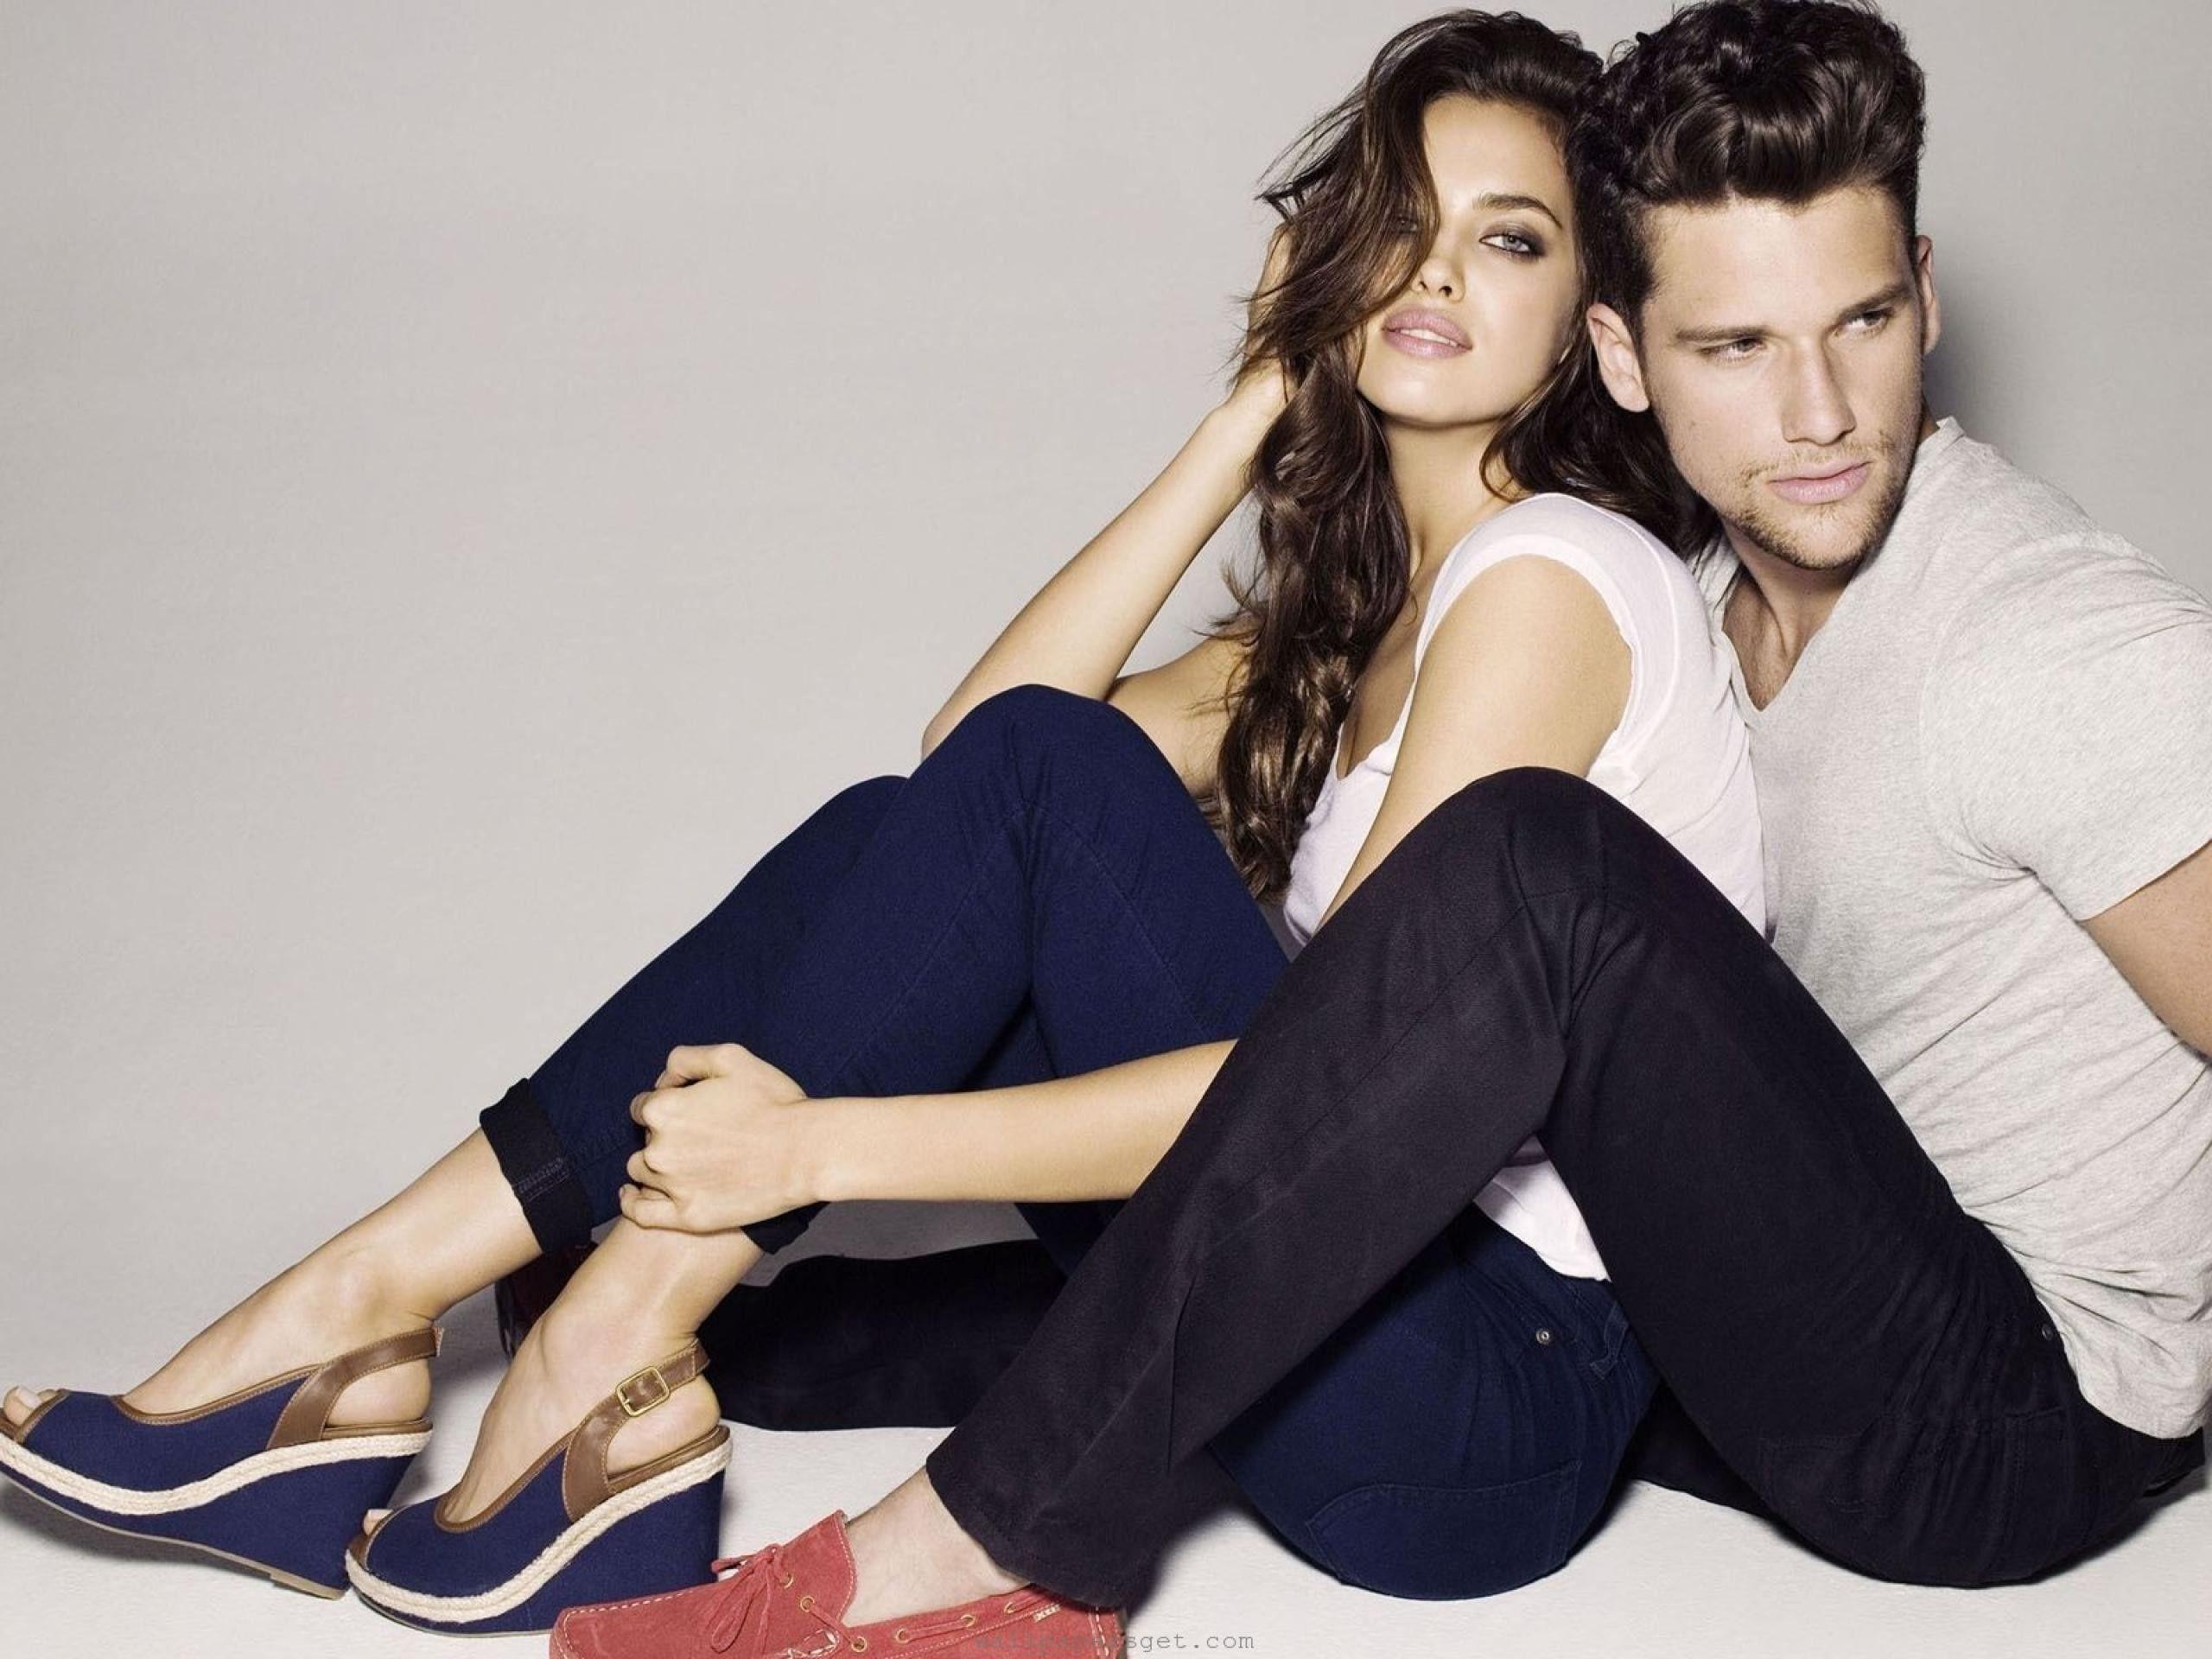 Imagini pentru fashion couple